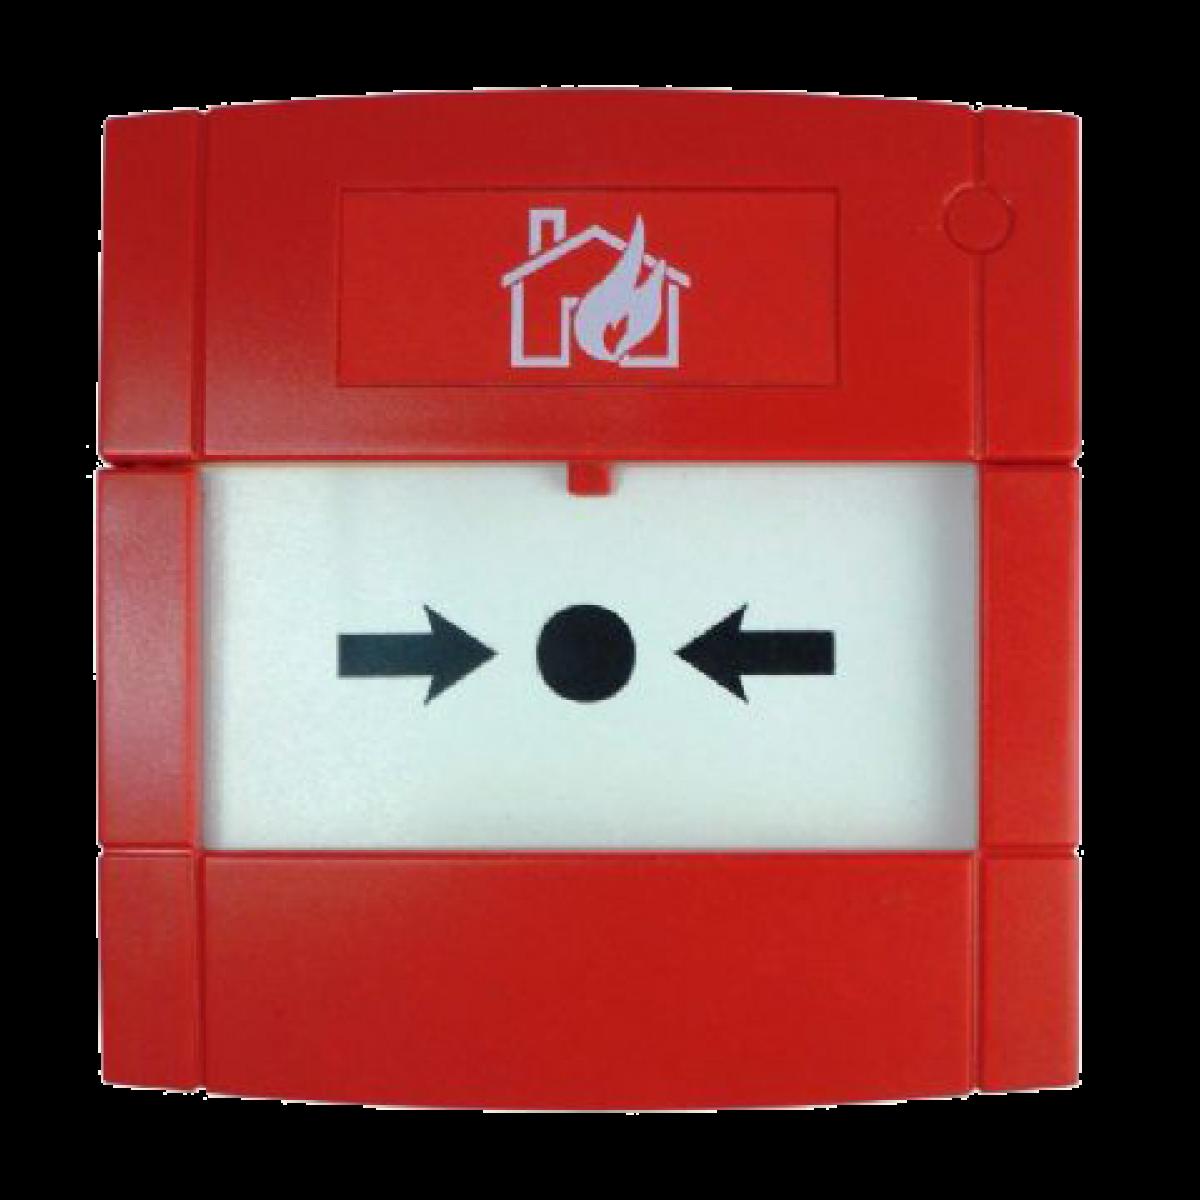 Извещатель пожарный ручной адресный ипра схема